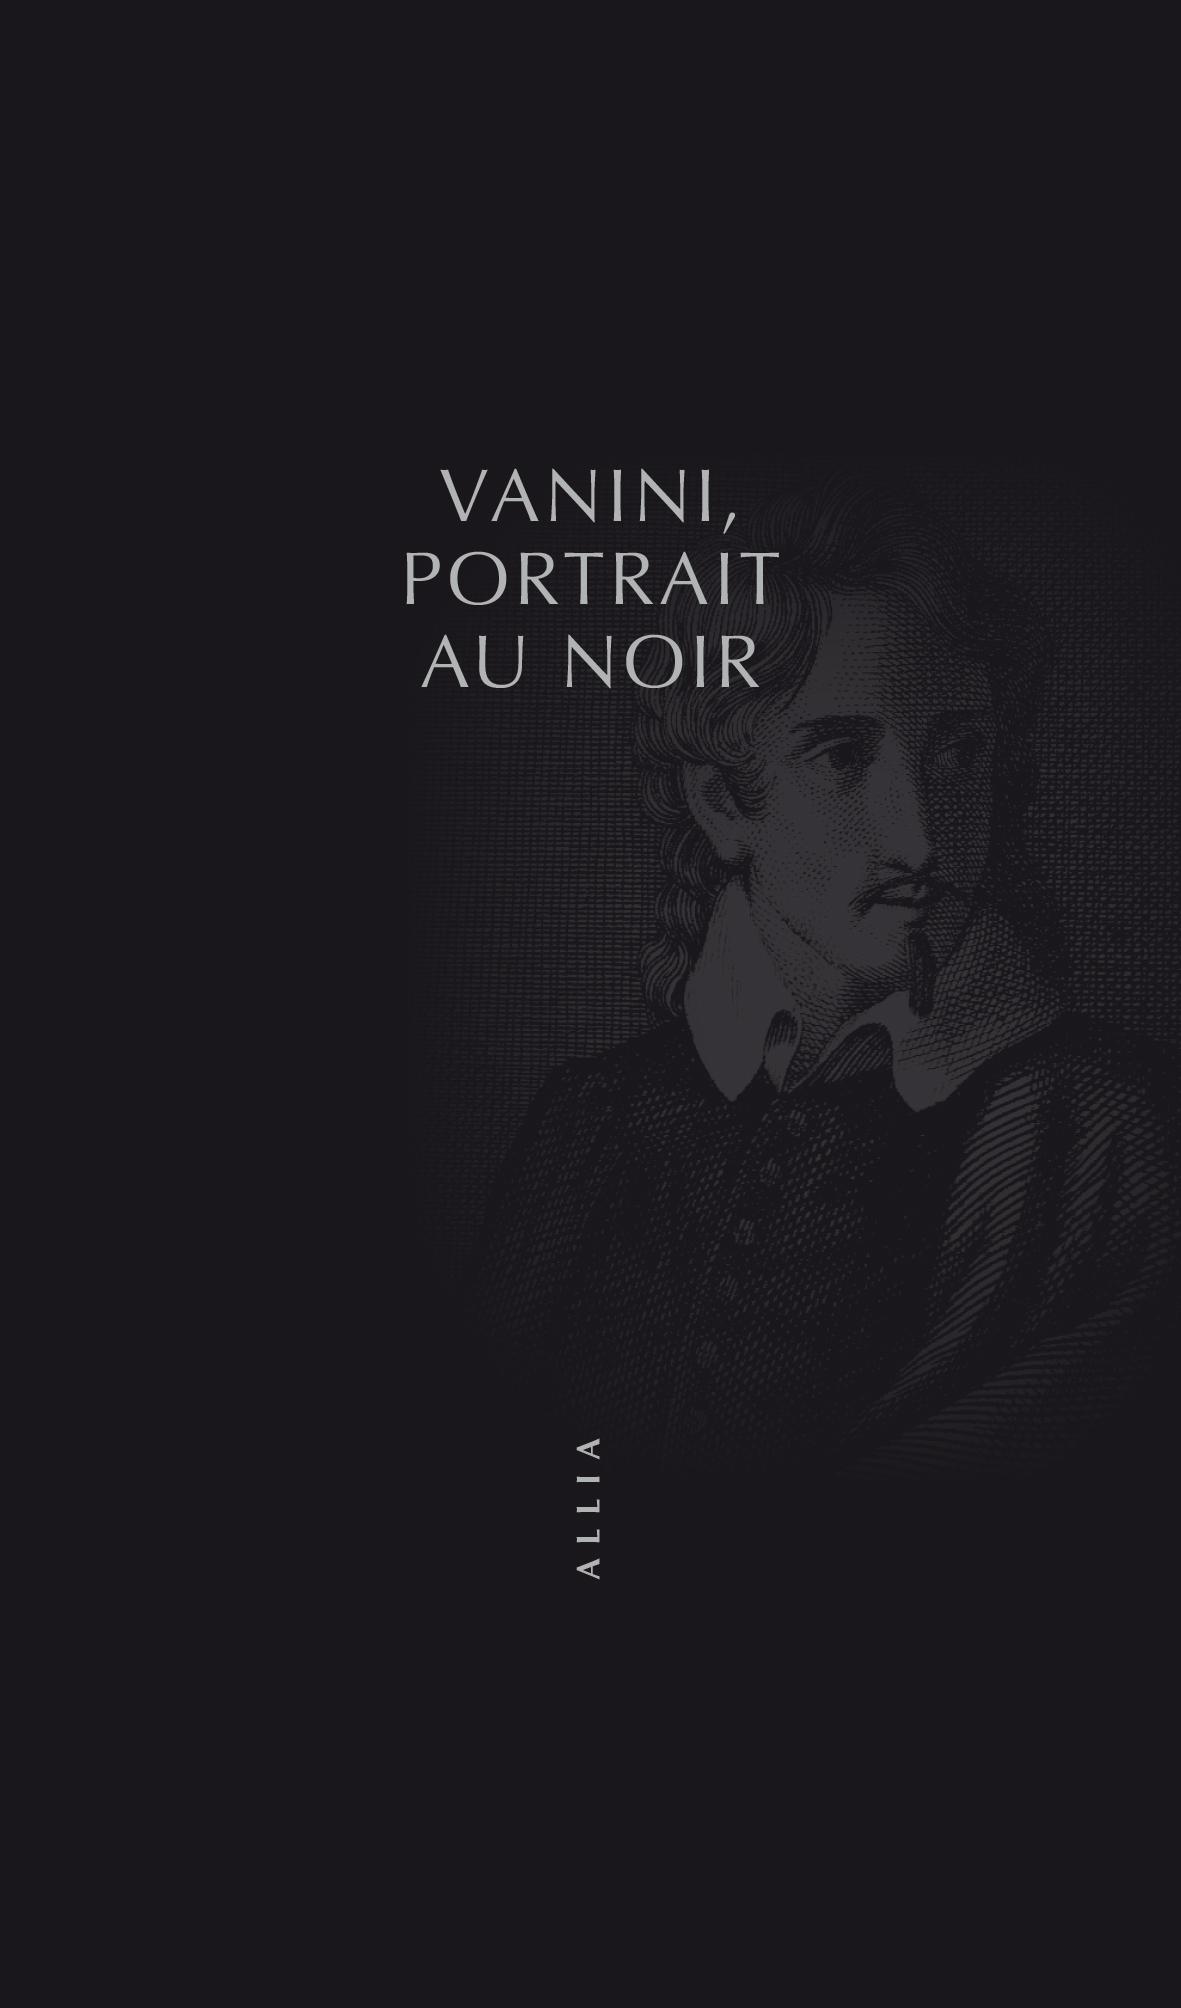 G.C. Vanini, Portrait au noir